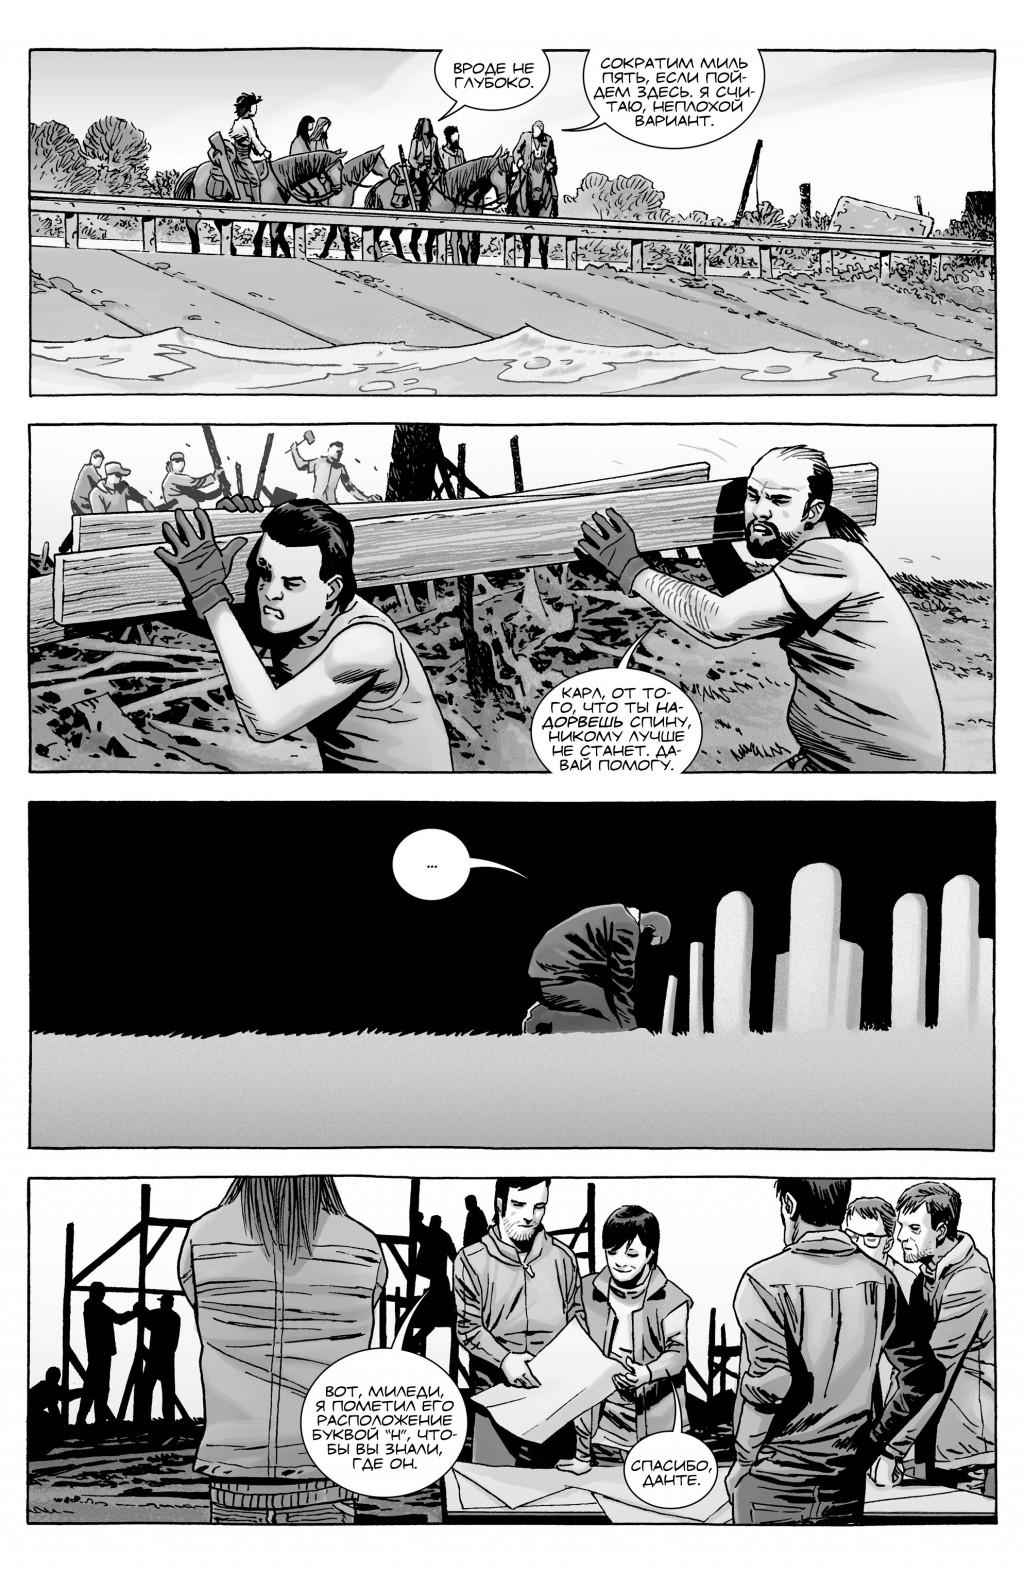 The Walking Dead 172-007_full.jpg